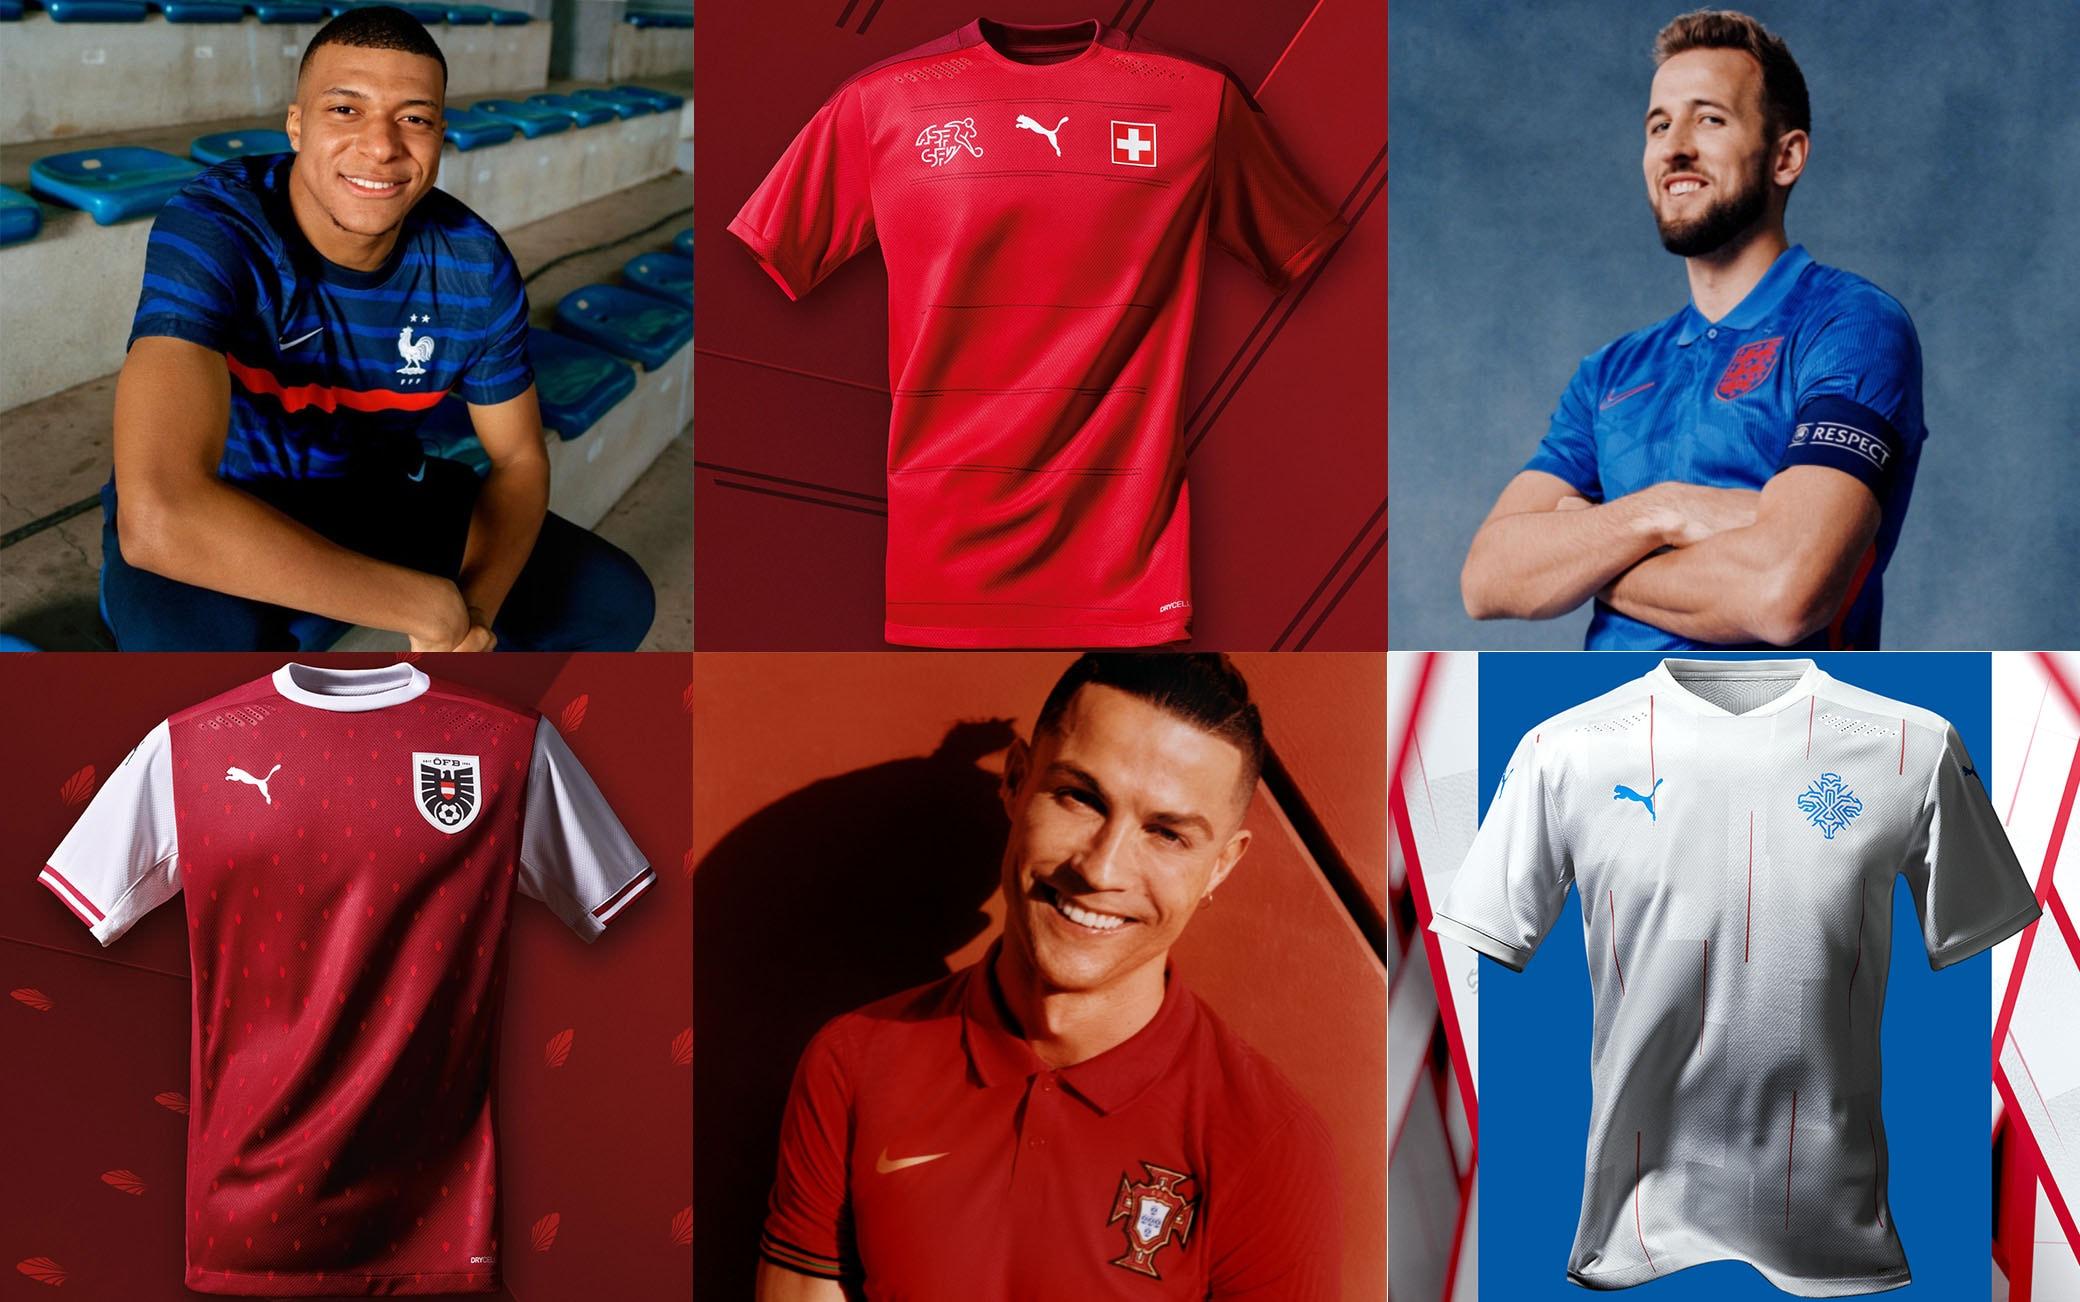 La nuova maglia delle nazionali per Nations League ed Euro 2020 ...